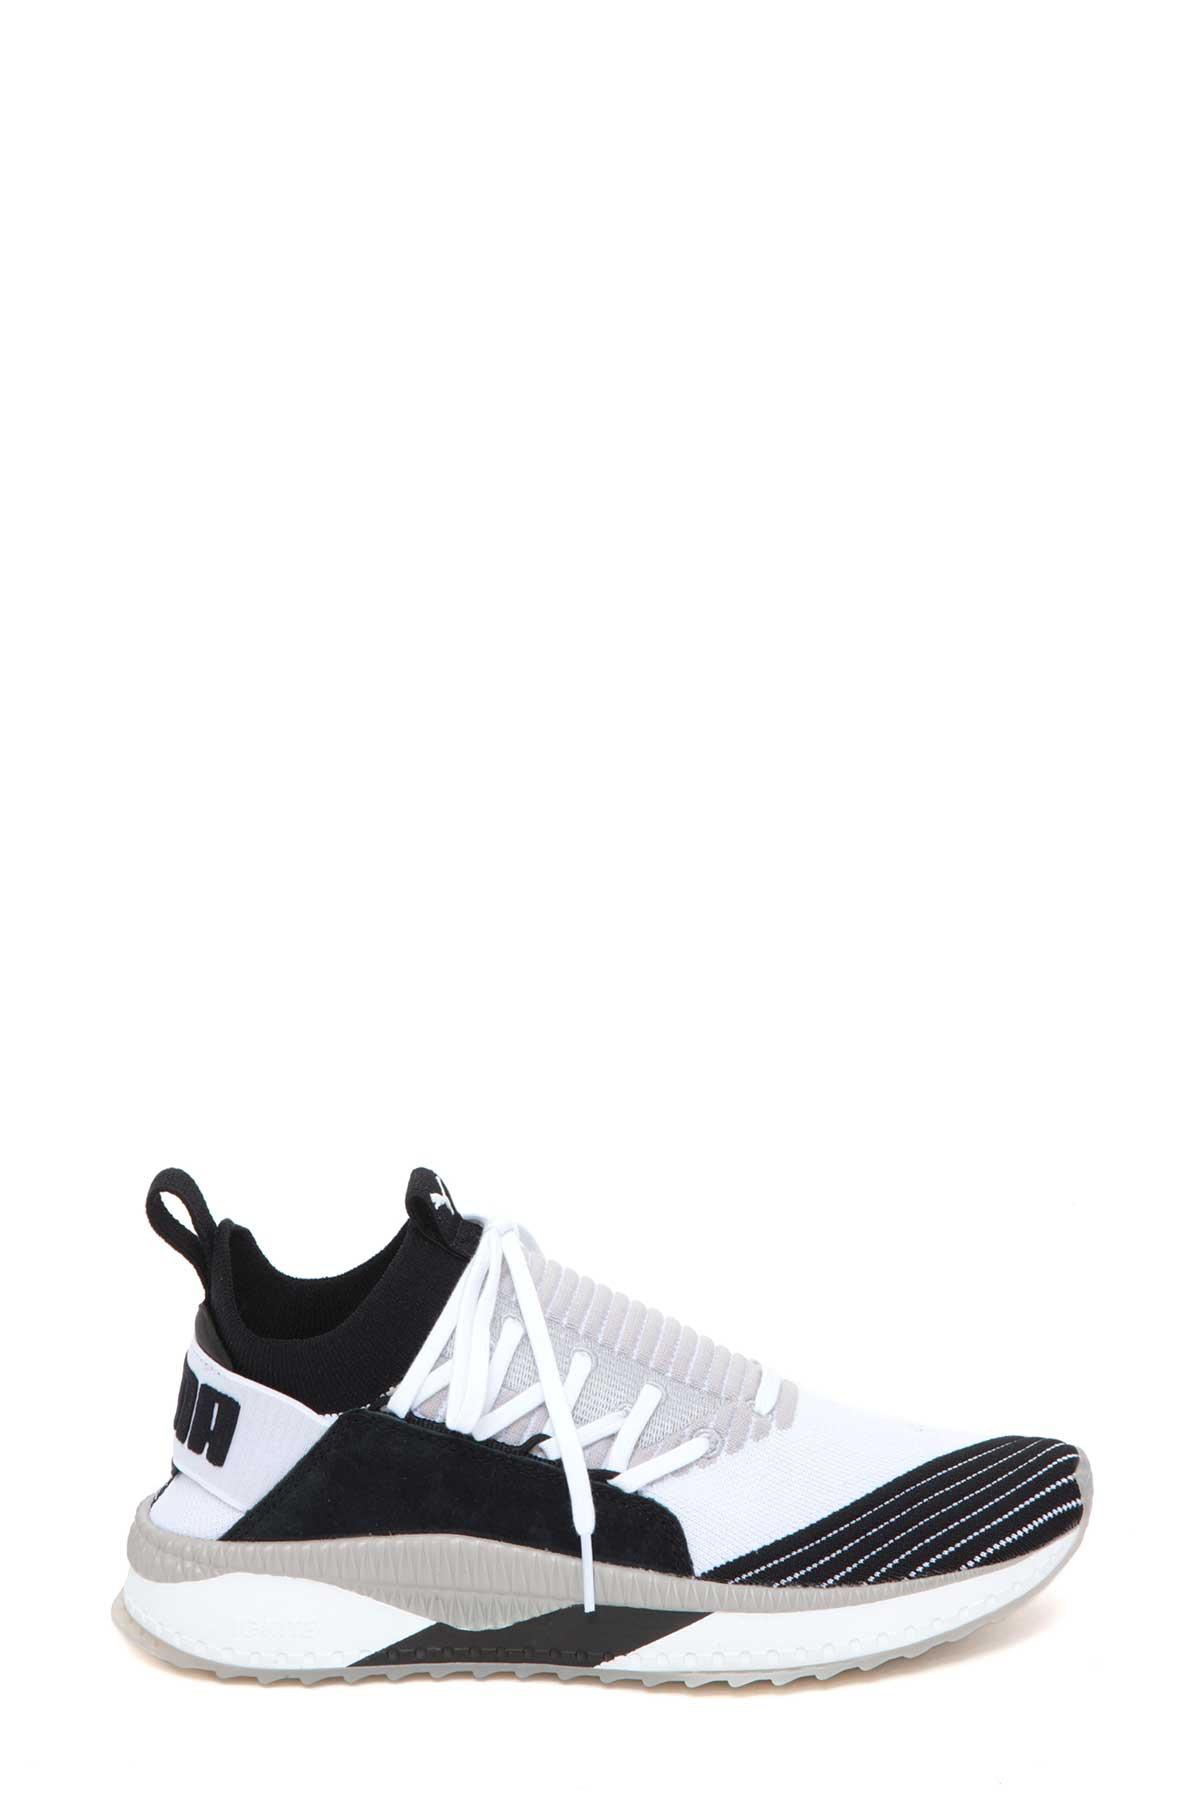 Puma Tsugi Jun Sneaker ...